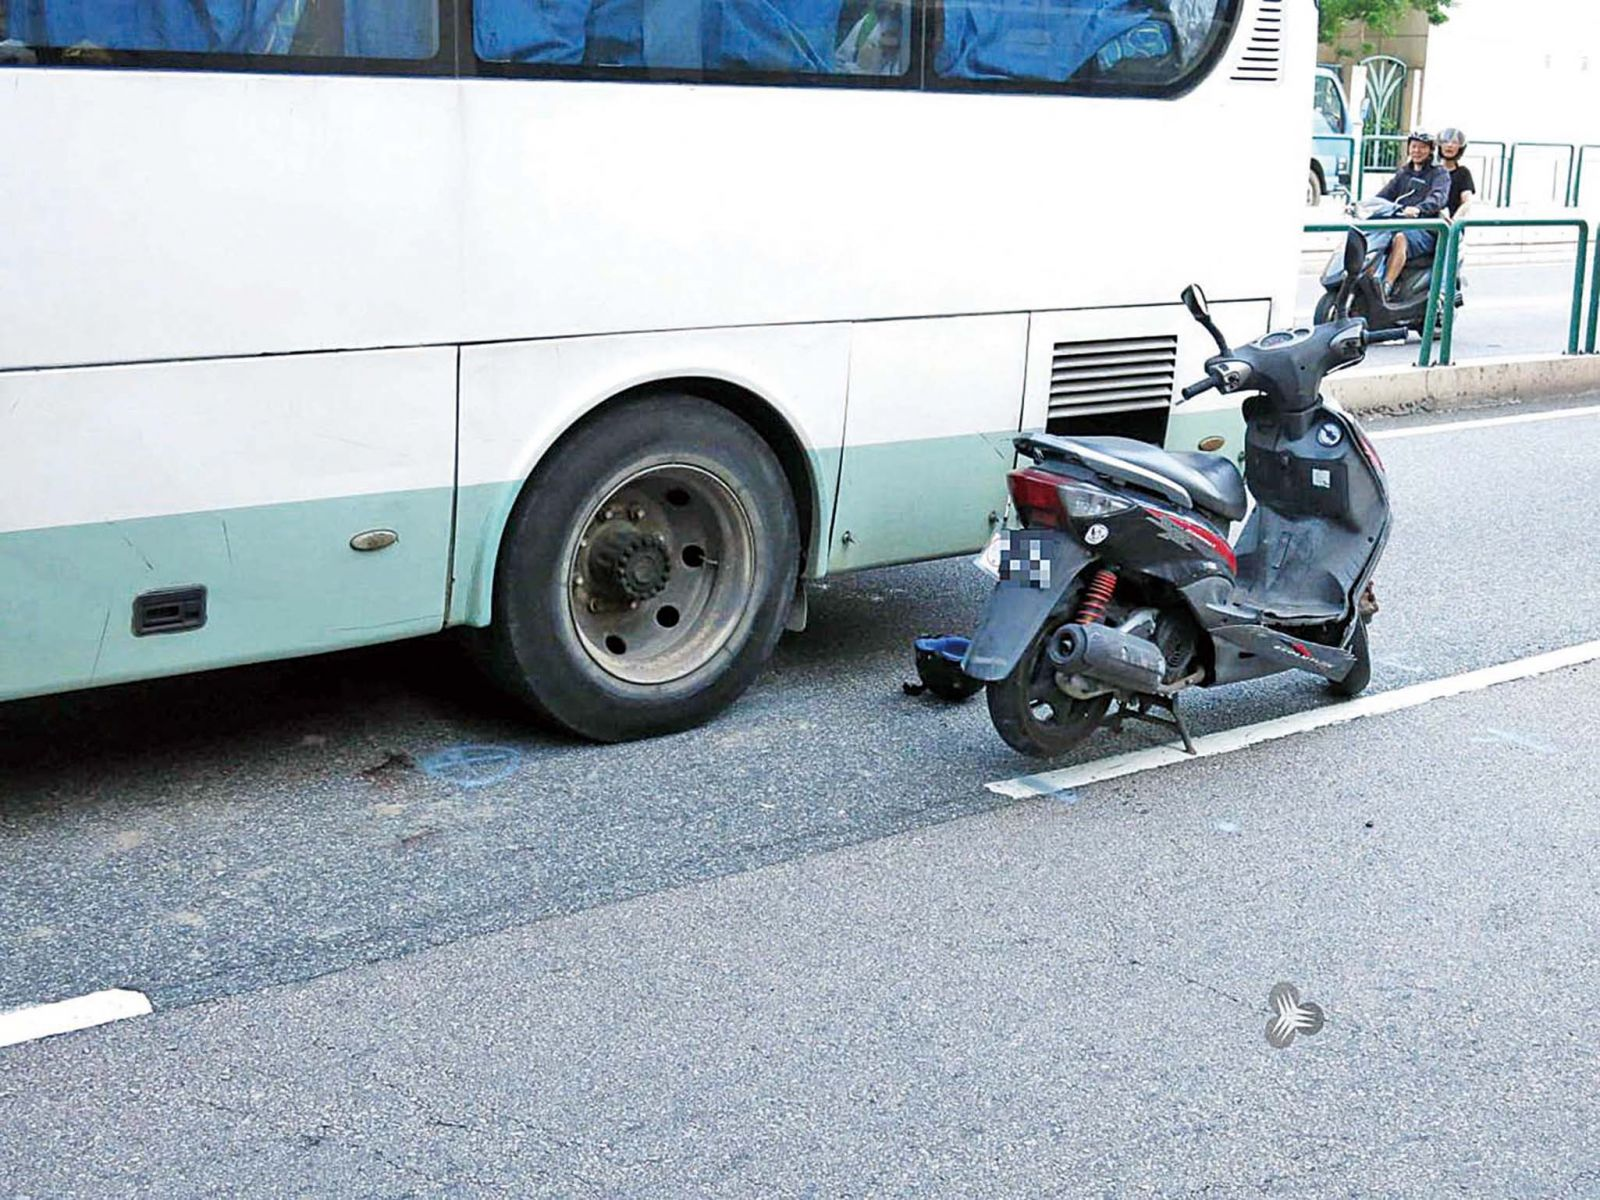 電單車騎士撞斃 車上50幼童目睹